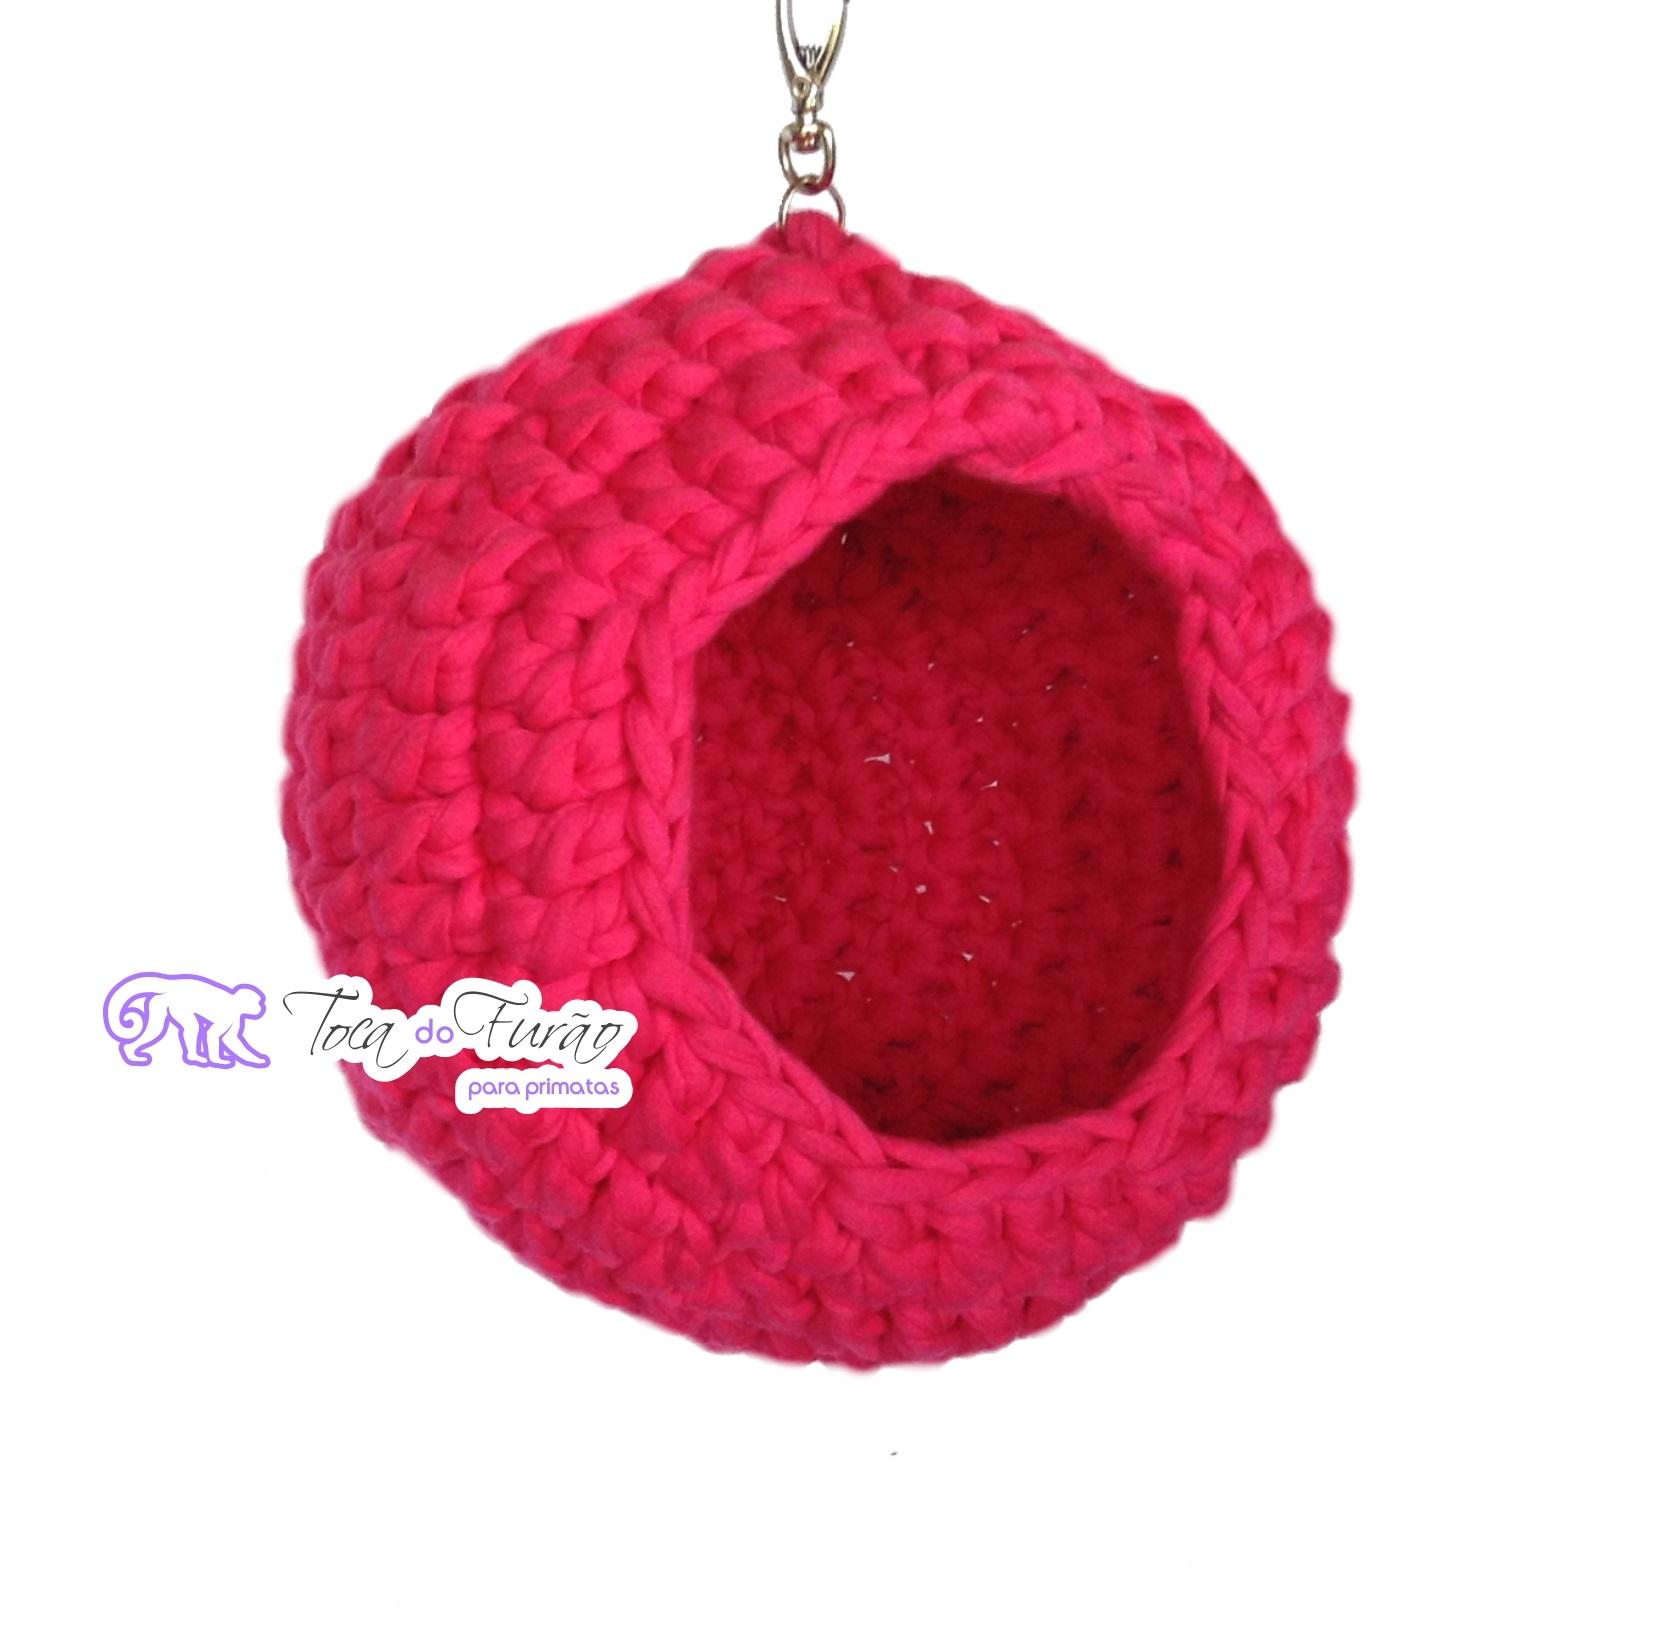 70b8a9c290c55 Bola color de crochê para sagui – Toca do Furão